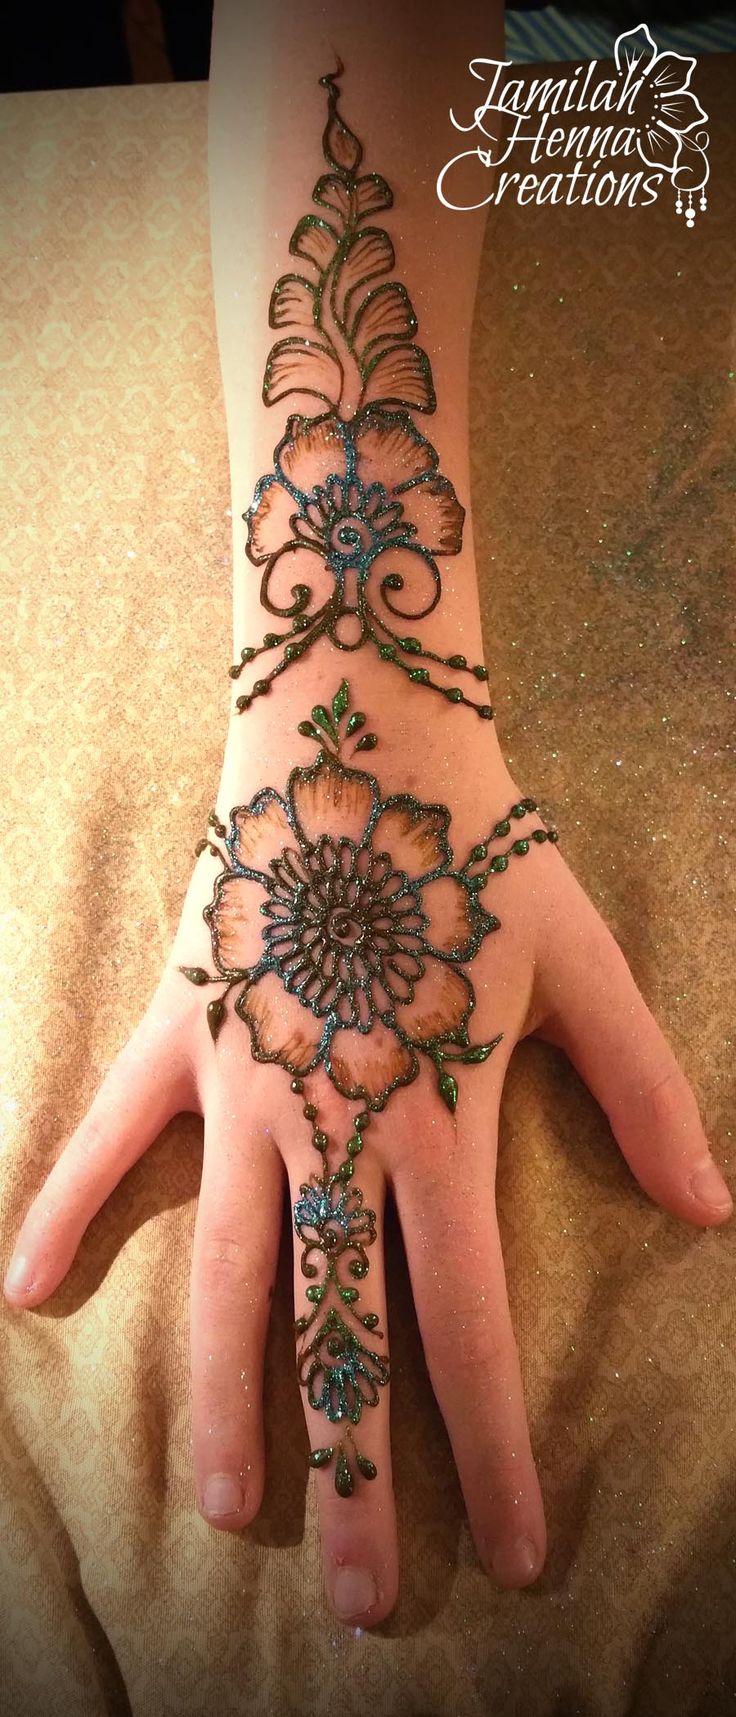 Flower leaf jewelry henna www.jamilahhennacreations.com